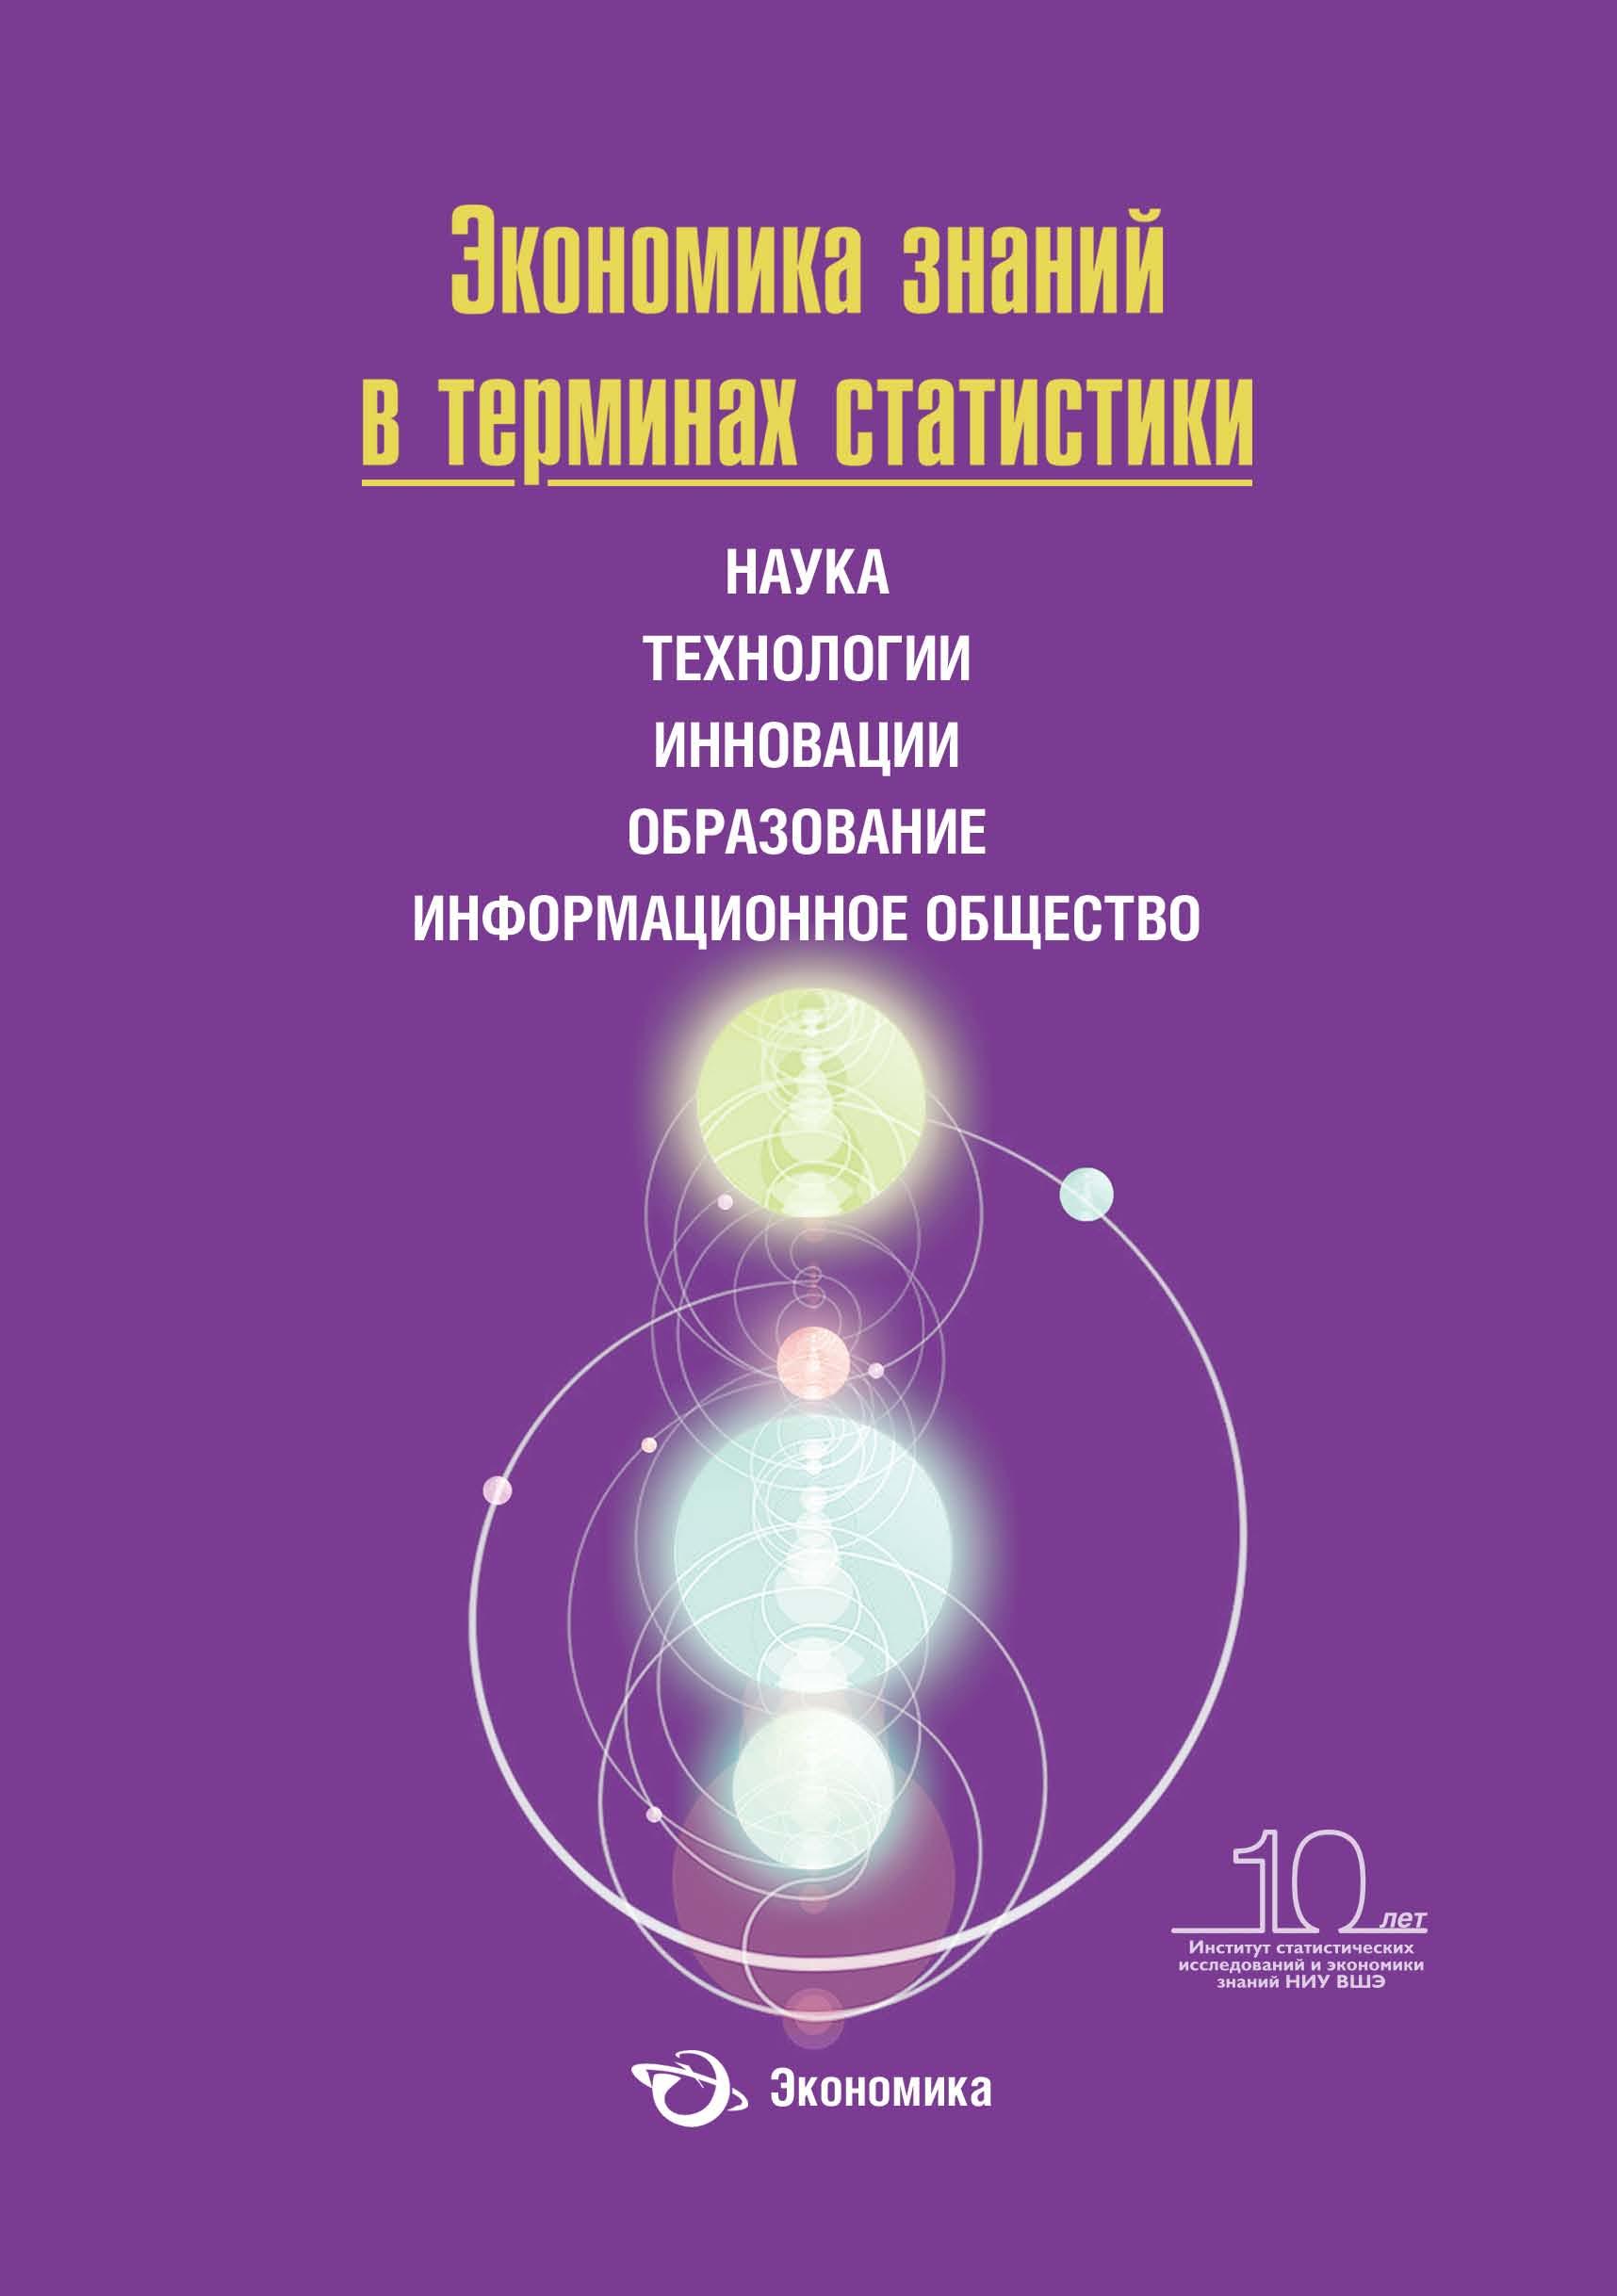 Экономика знаний в терминах статистики: наука, технологии, инновации, образование, информационное общество: словарь